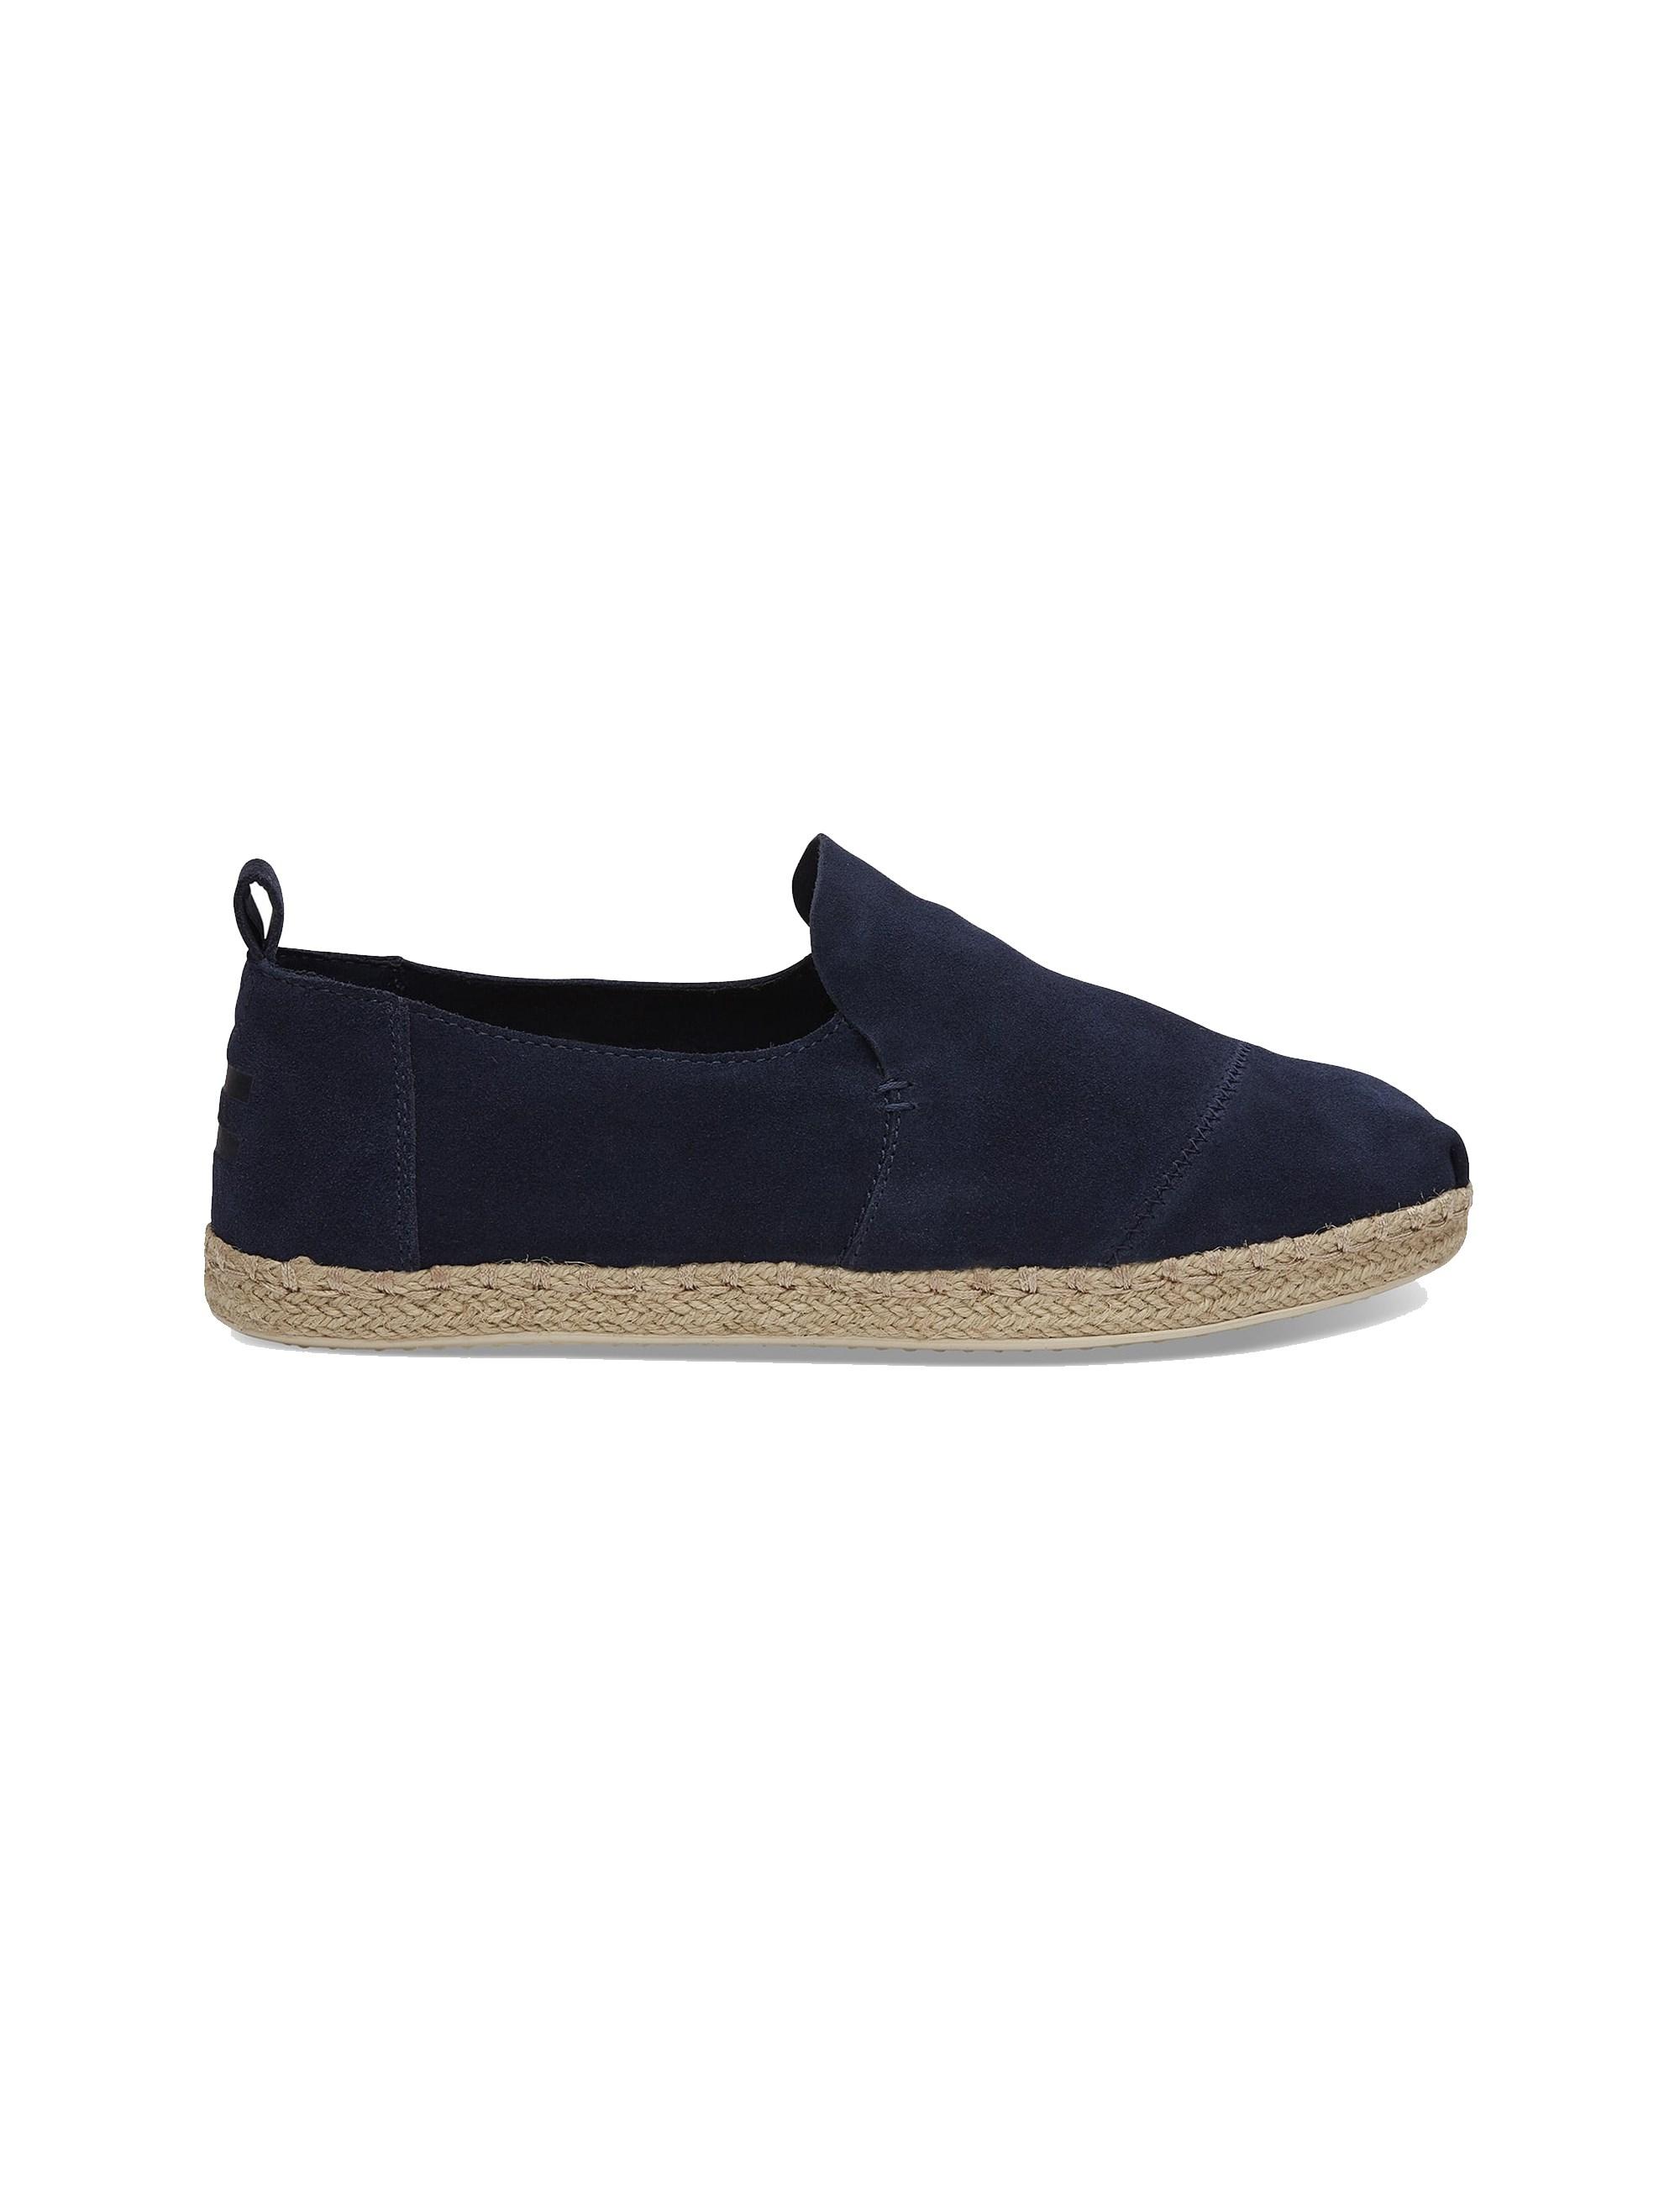 کفش راحتی جیر مردانه Deconstructed - تامز